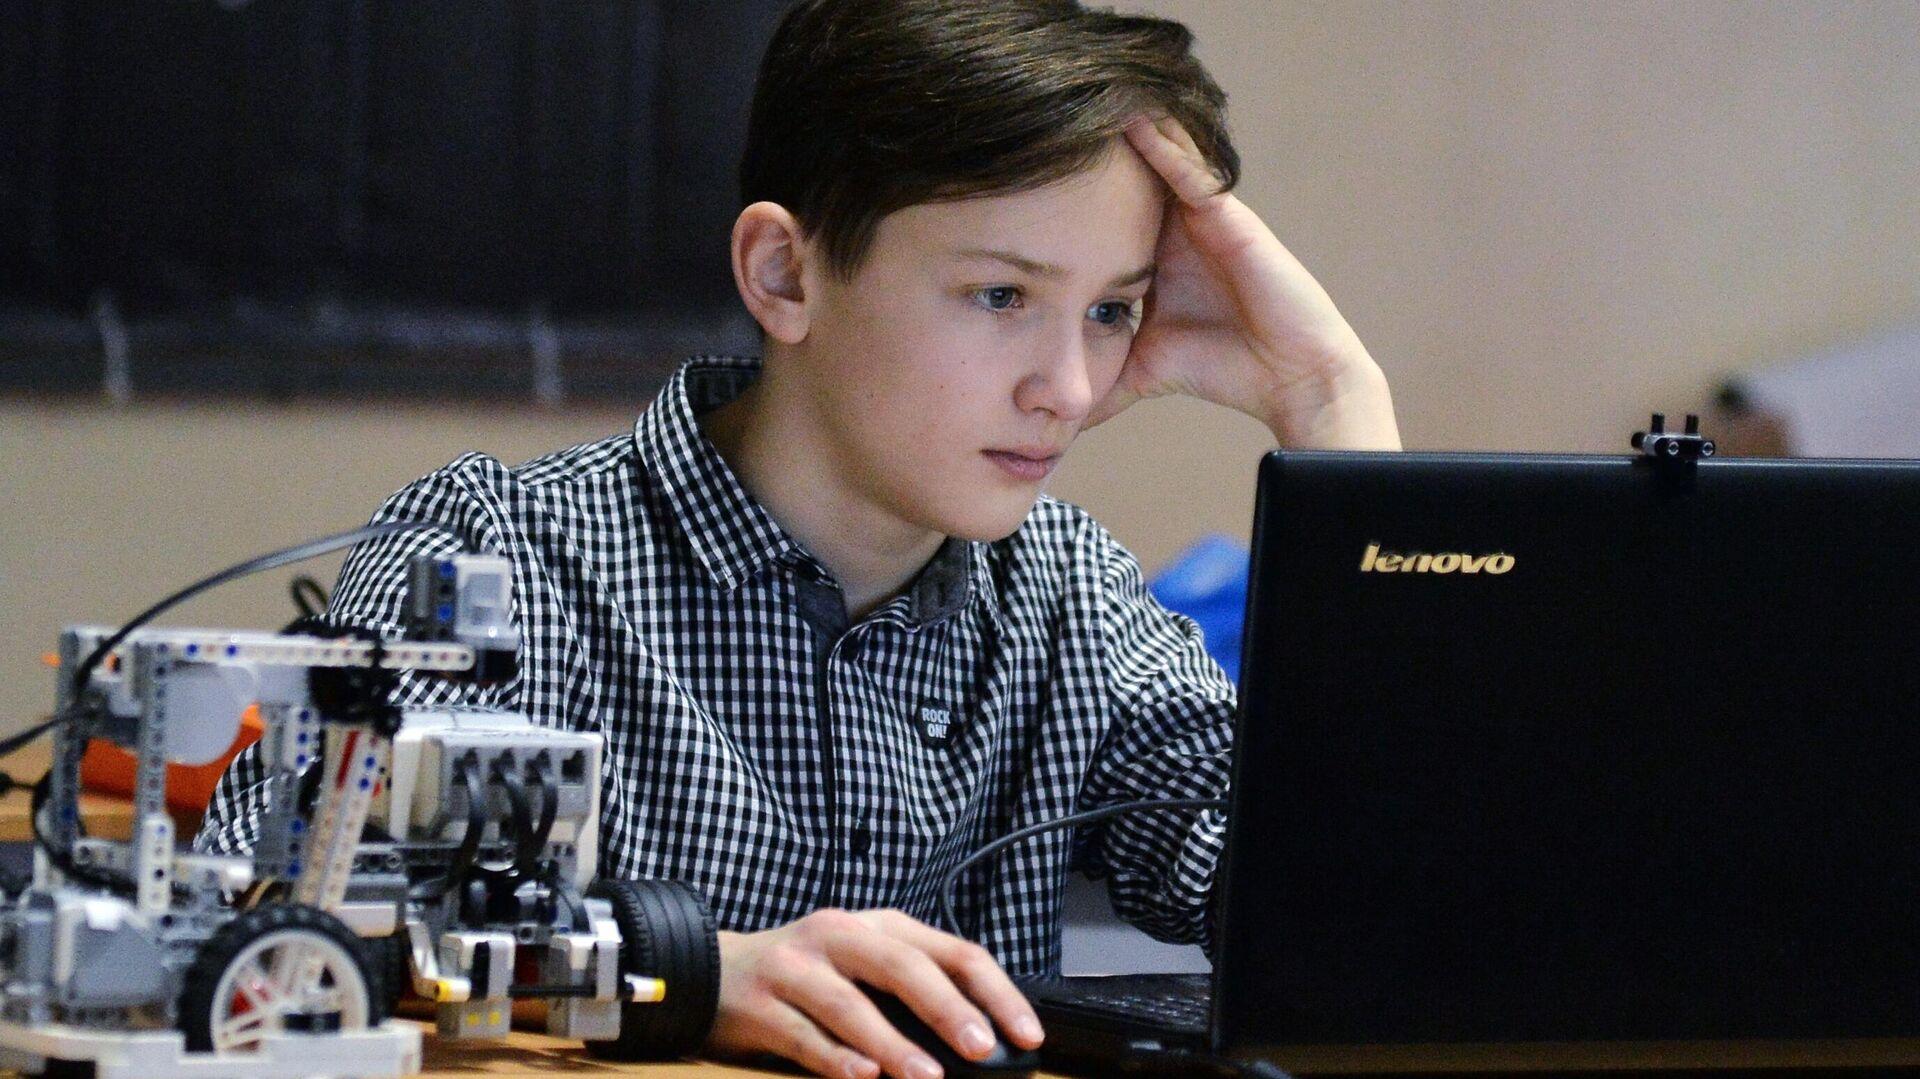 Участник соревнований по робототехнике - РИА Новости, 1920, 05.07.2021